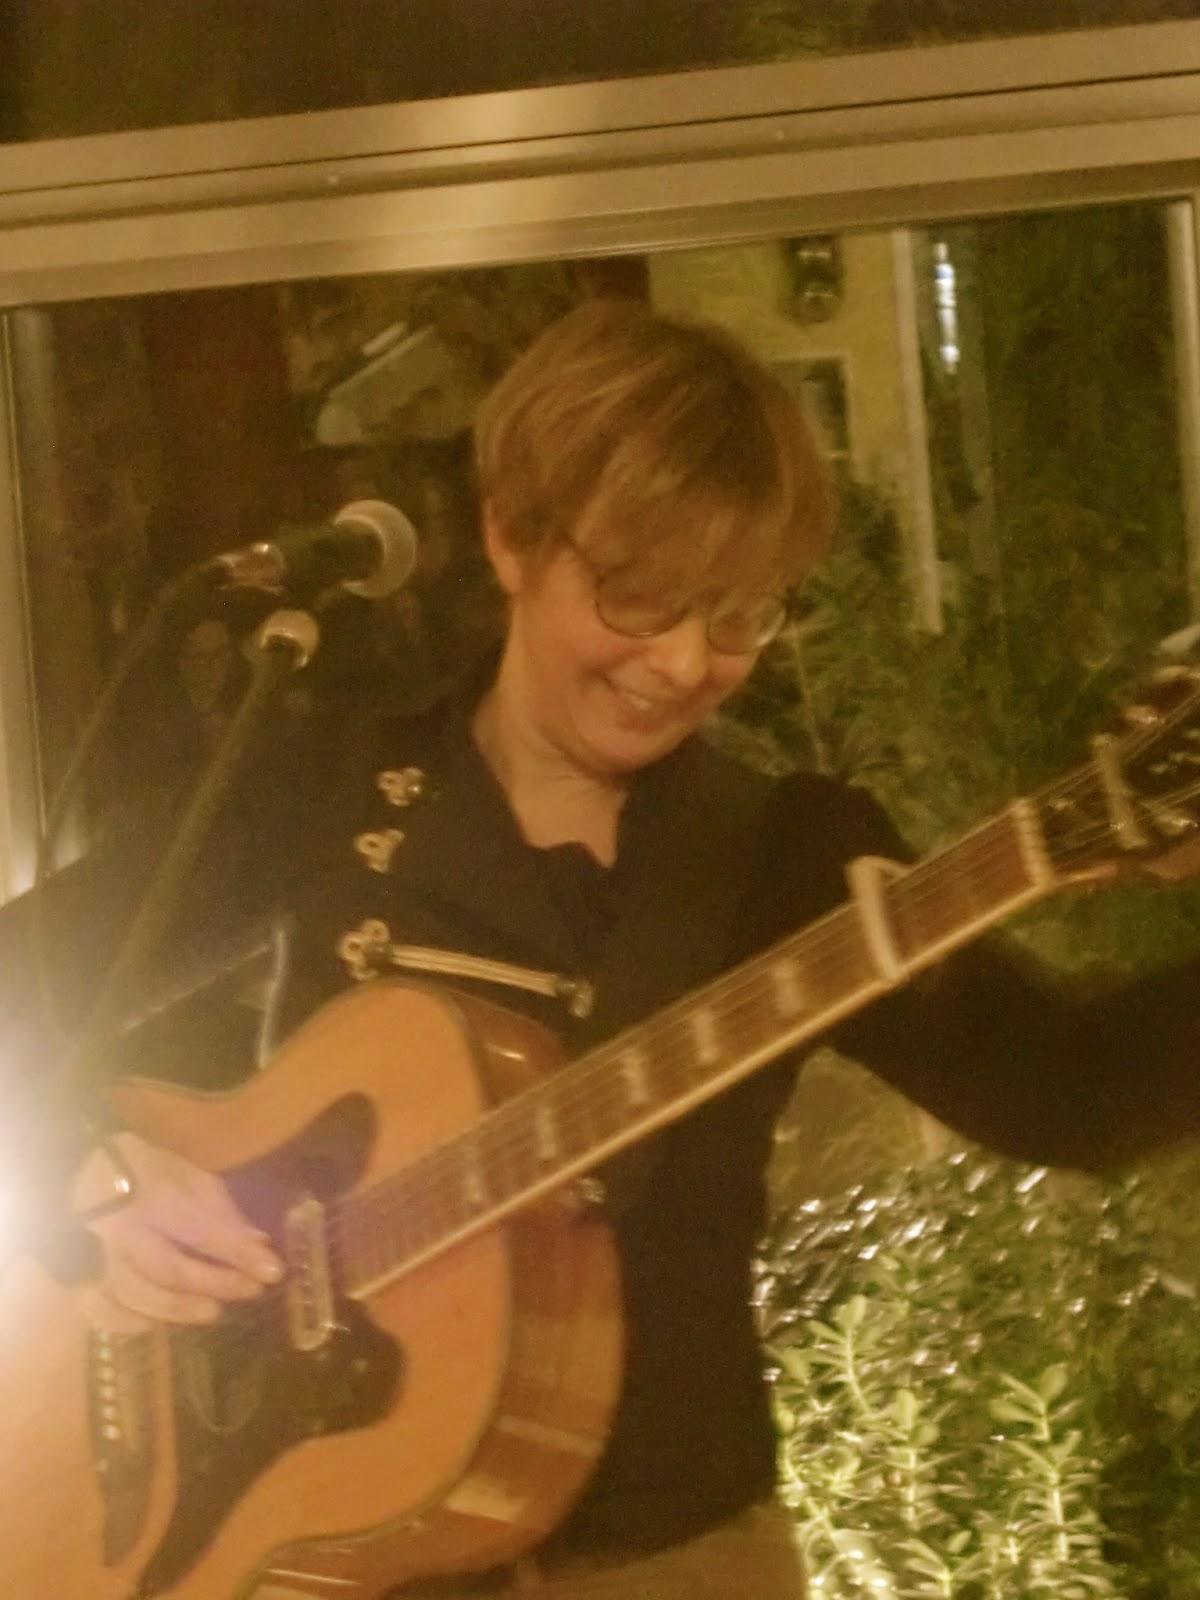 Wohnzimmerkonzert 52 In Der Waldstadt Mit Kirsty McGee Datum 19 Oktober 2014 Dauer 90 Min Zuschauer 20